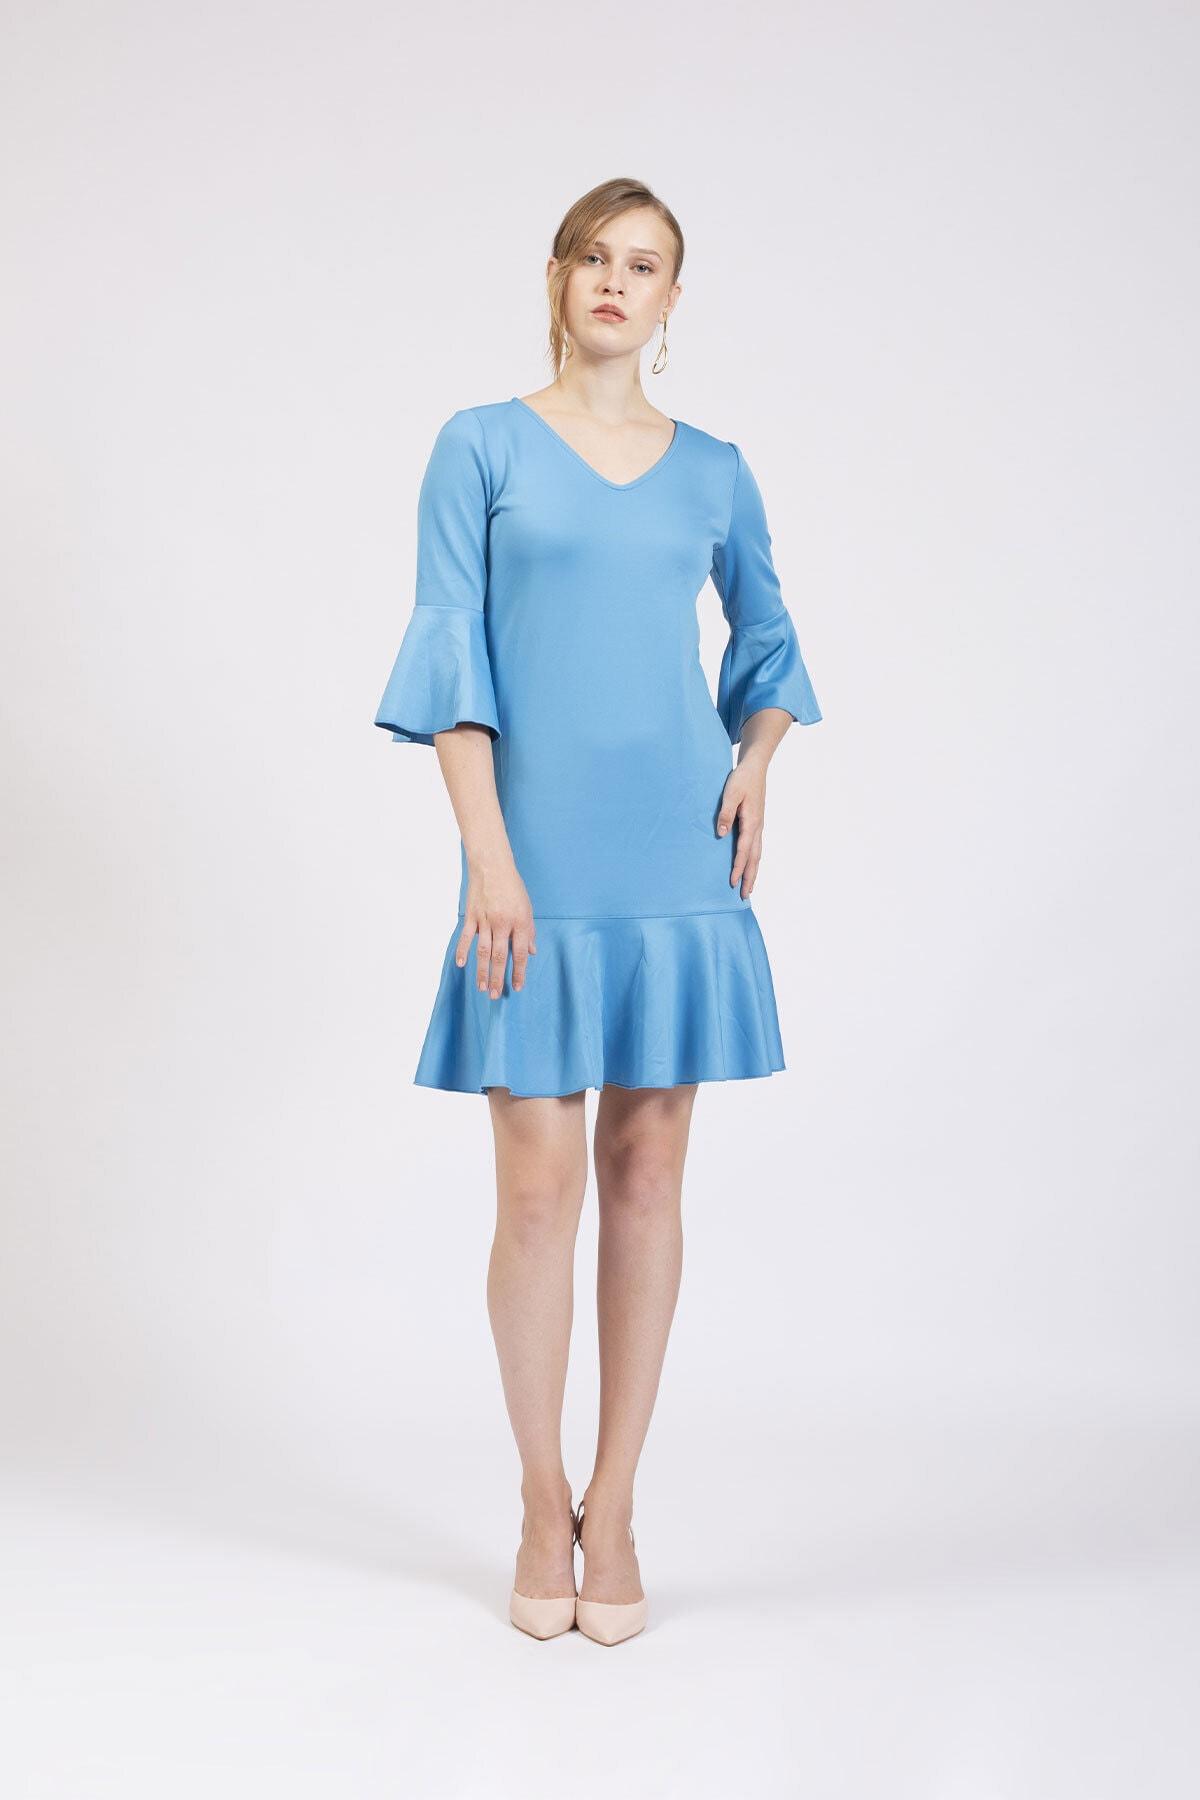 Hanna's by Hanna Darsa Kadın Mavi V Yakalı Kolları Ve Eteği Volanlı Elbise 2